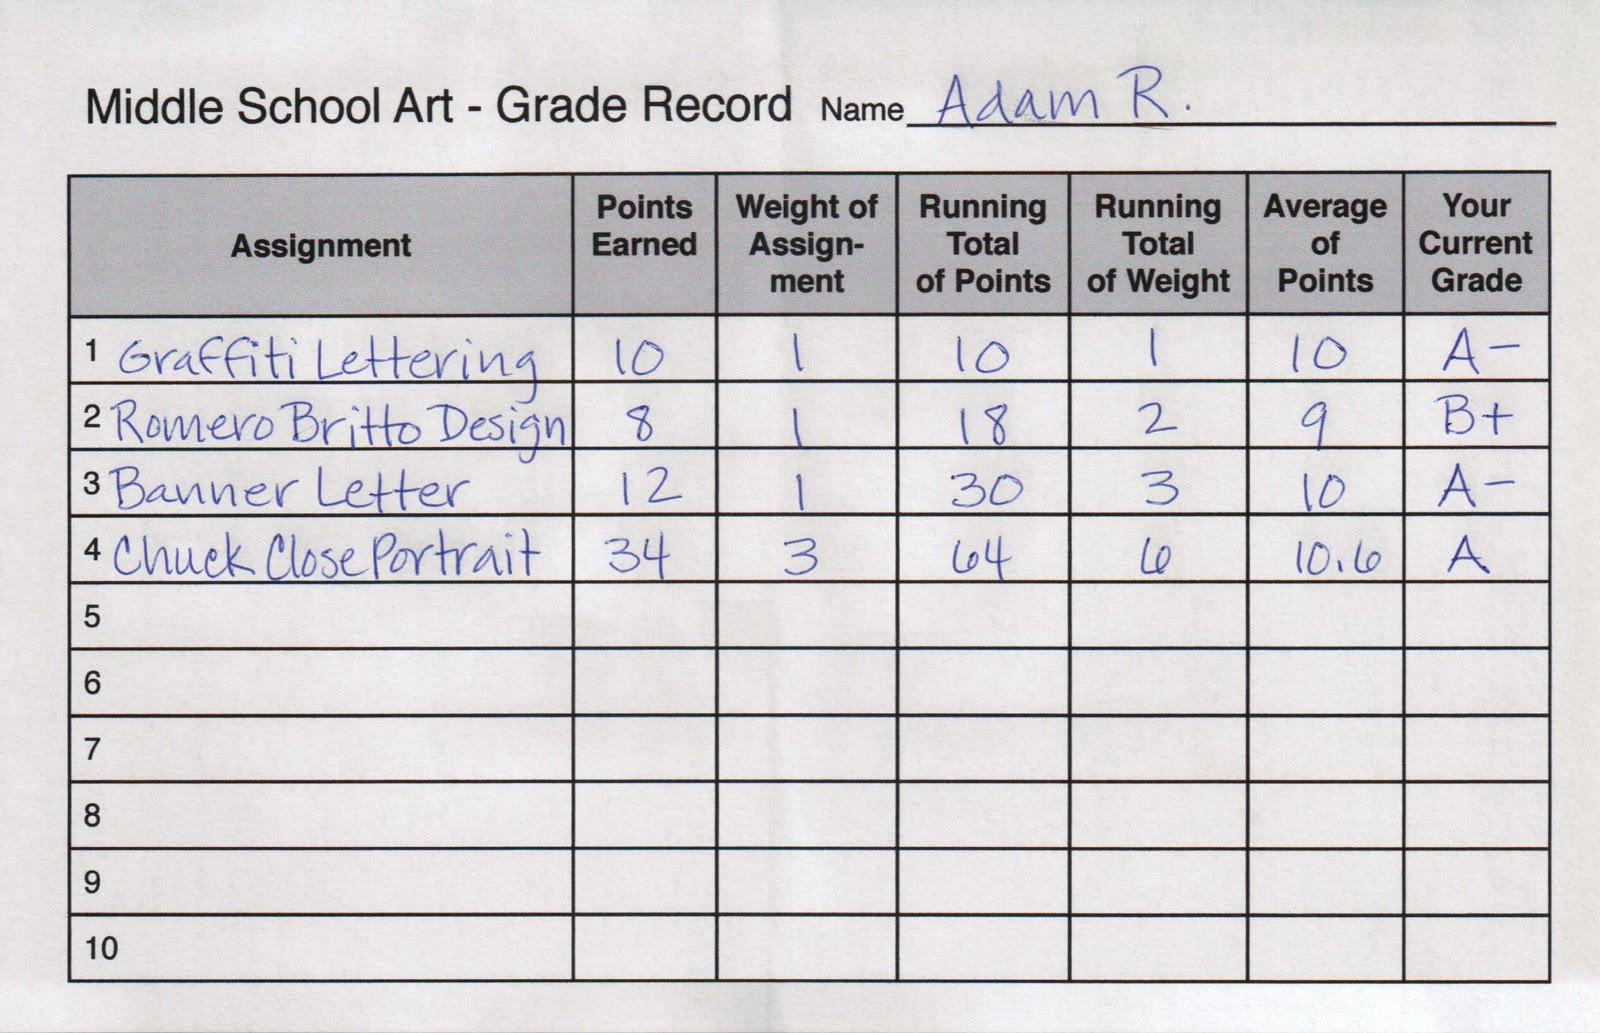 Grading Rubric For Middle School Art Teachkidsart